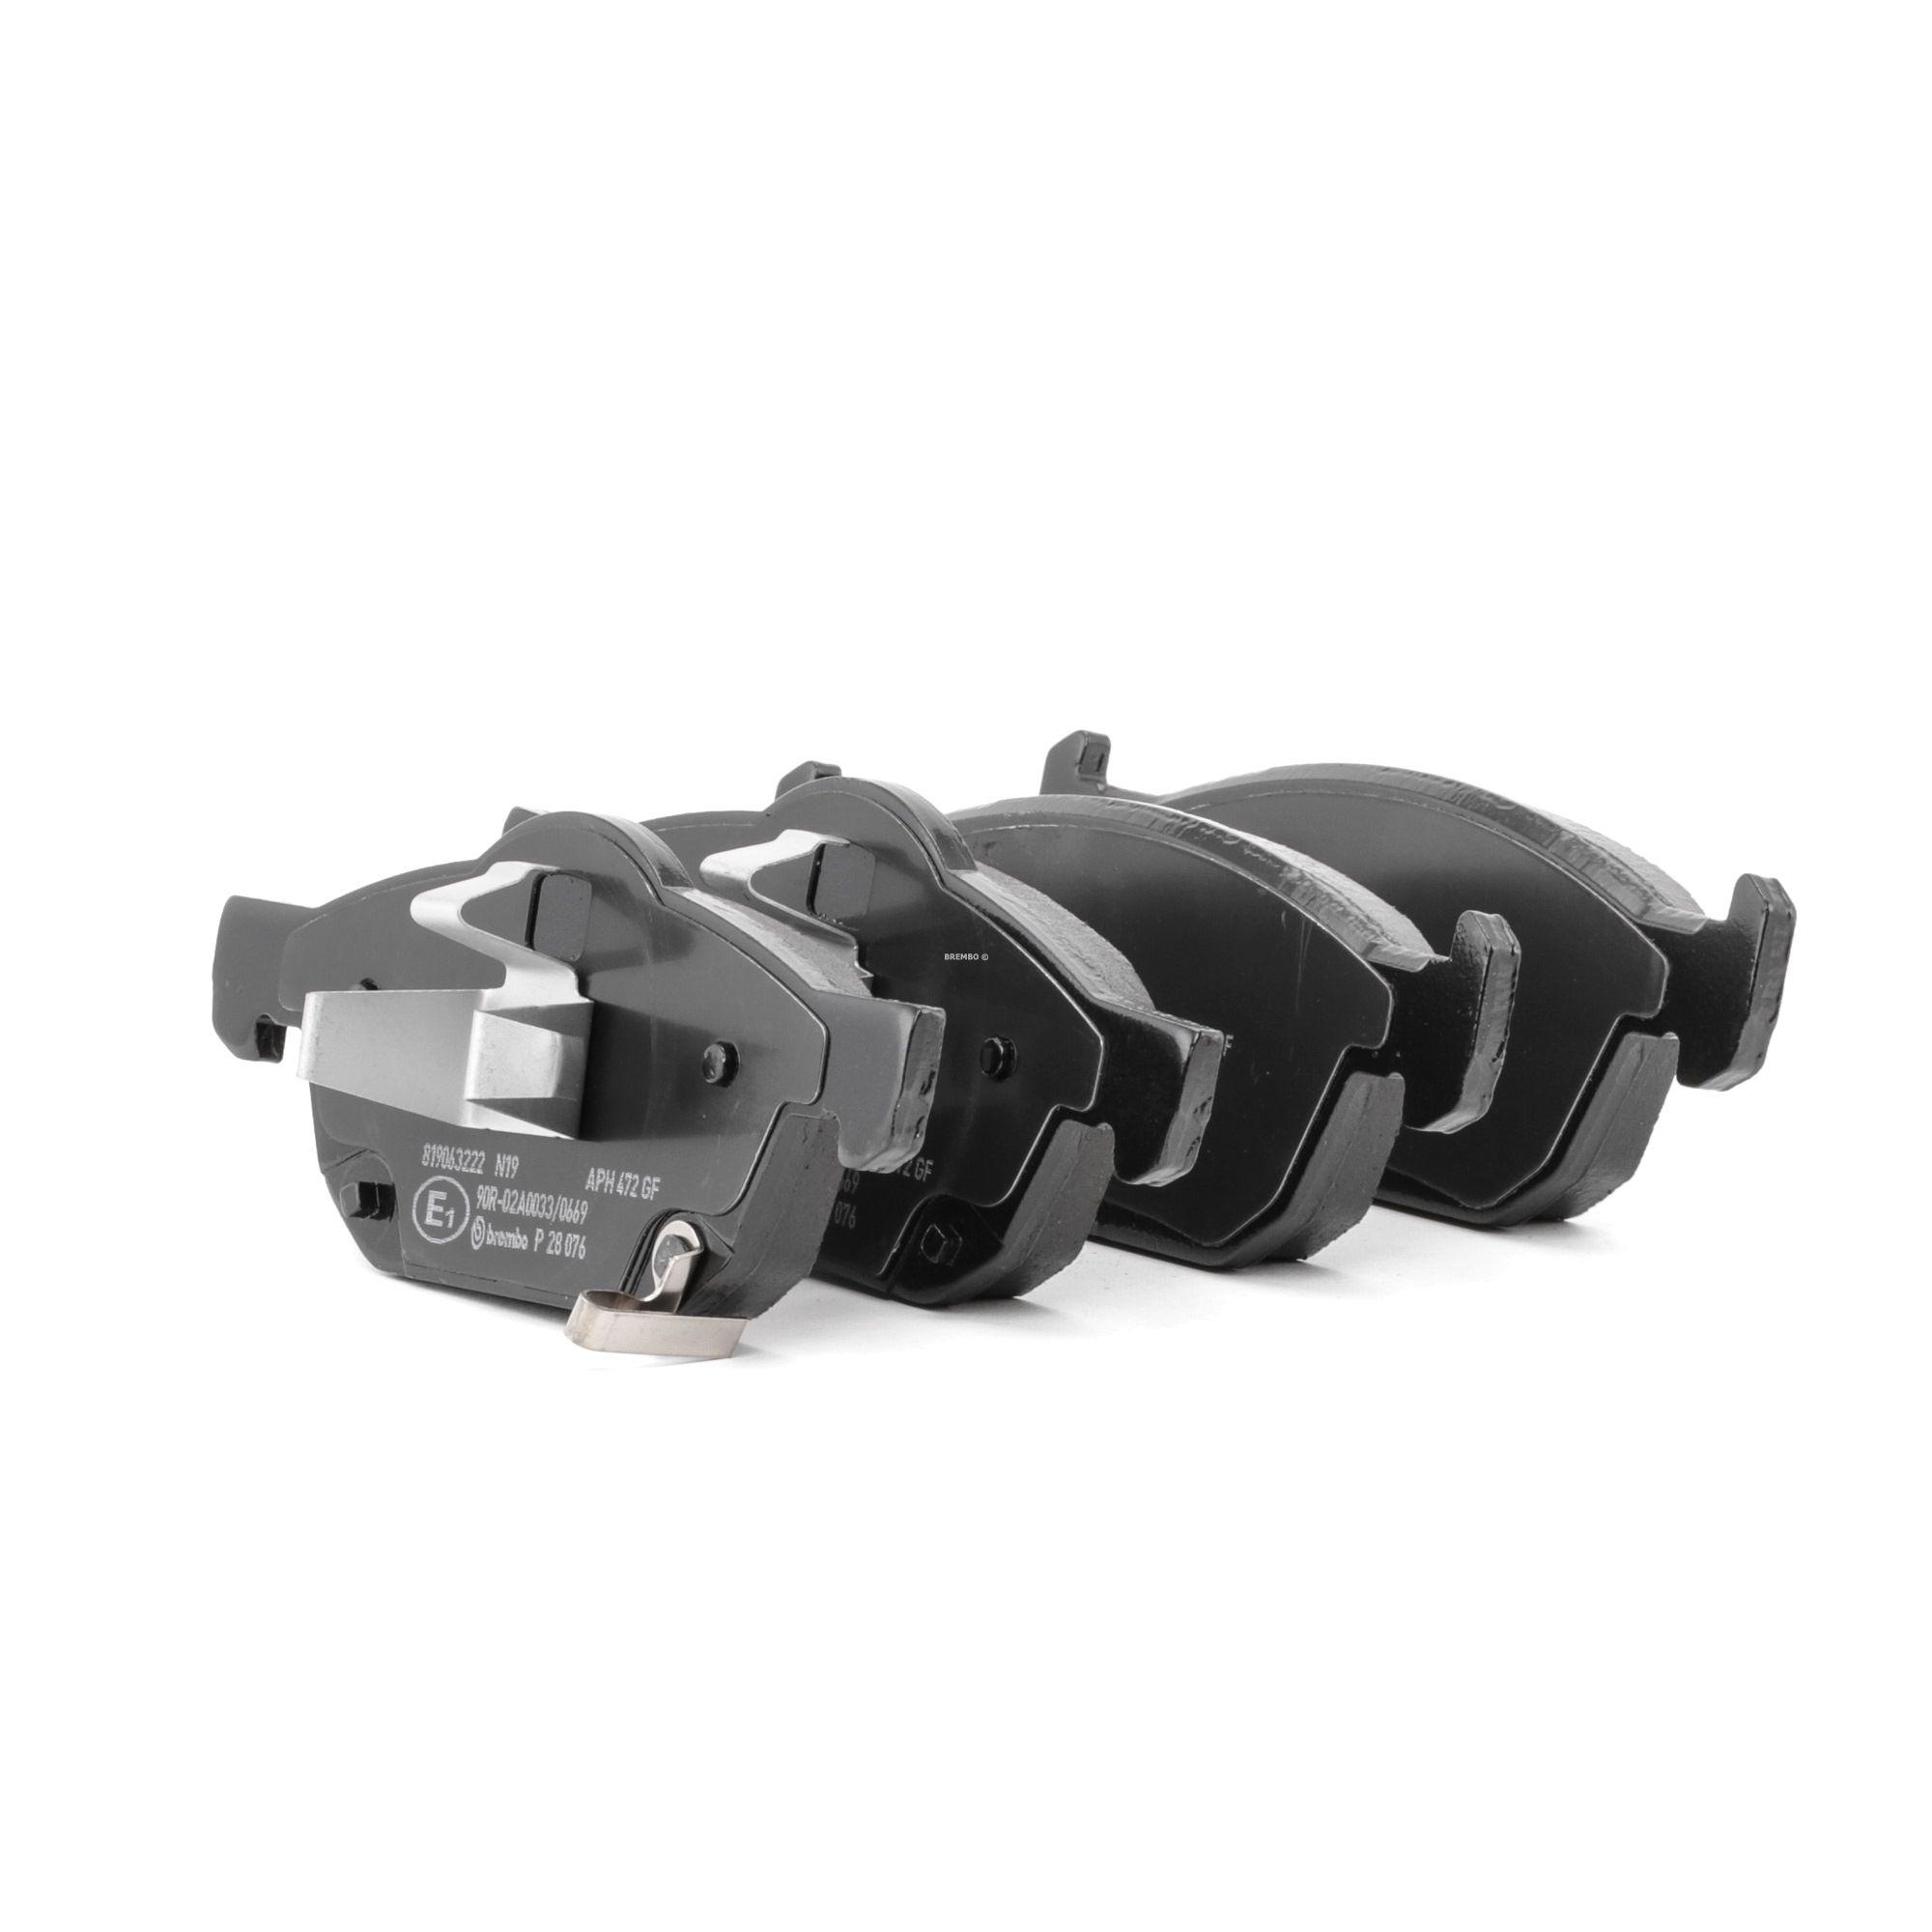 Disk brake pads BREMBO 25804 rating